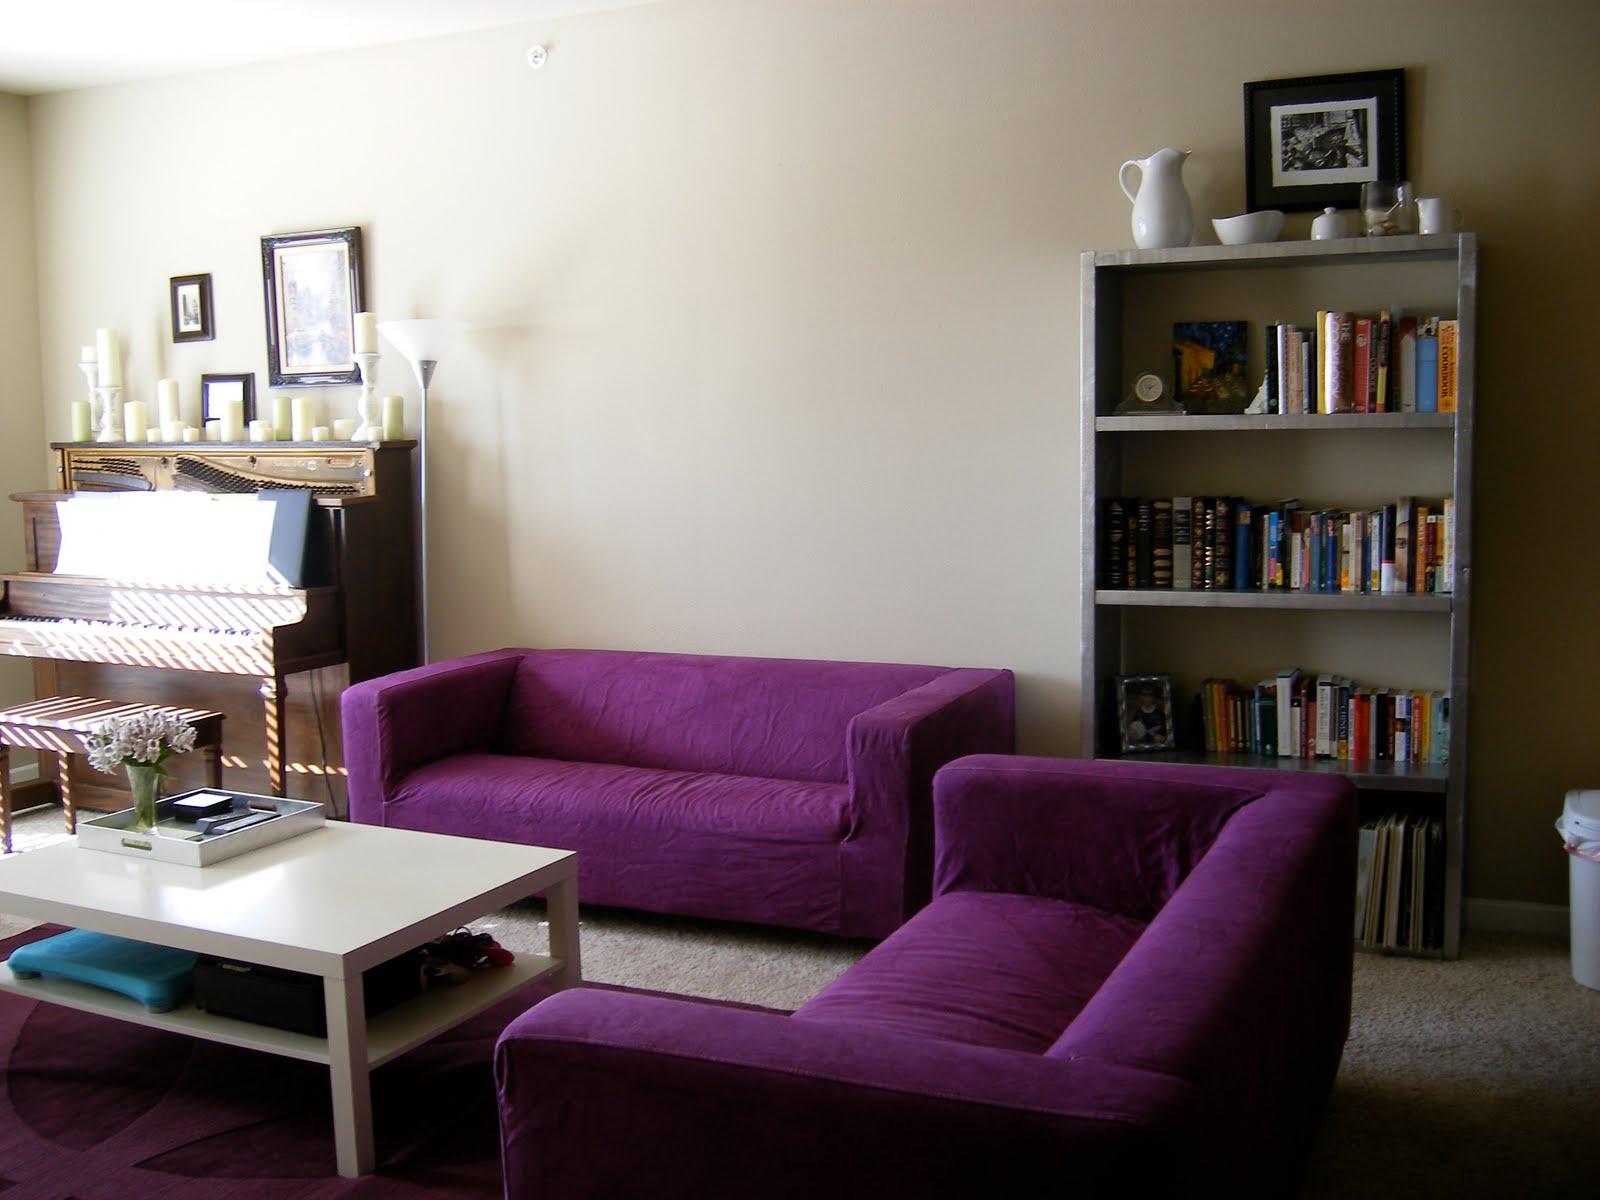 View In Gallery Menggunakan Pop Warna Ungu Dengan Memadankan Set Sofa Dinding Ruang Tamu Lembut